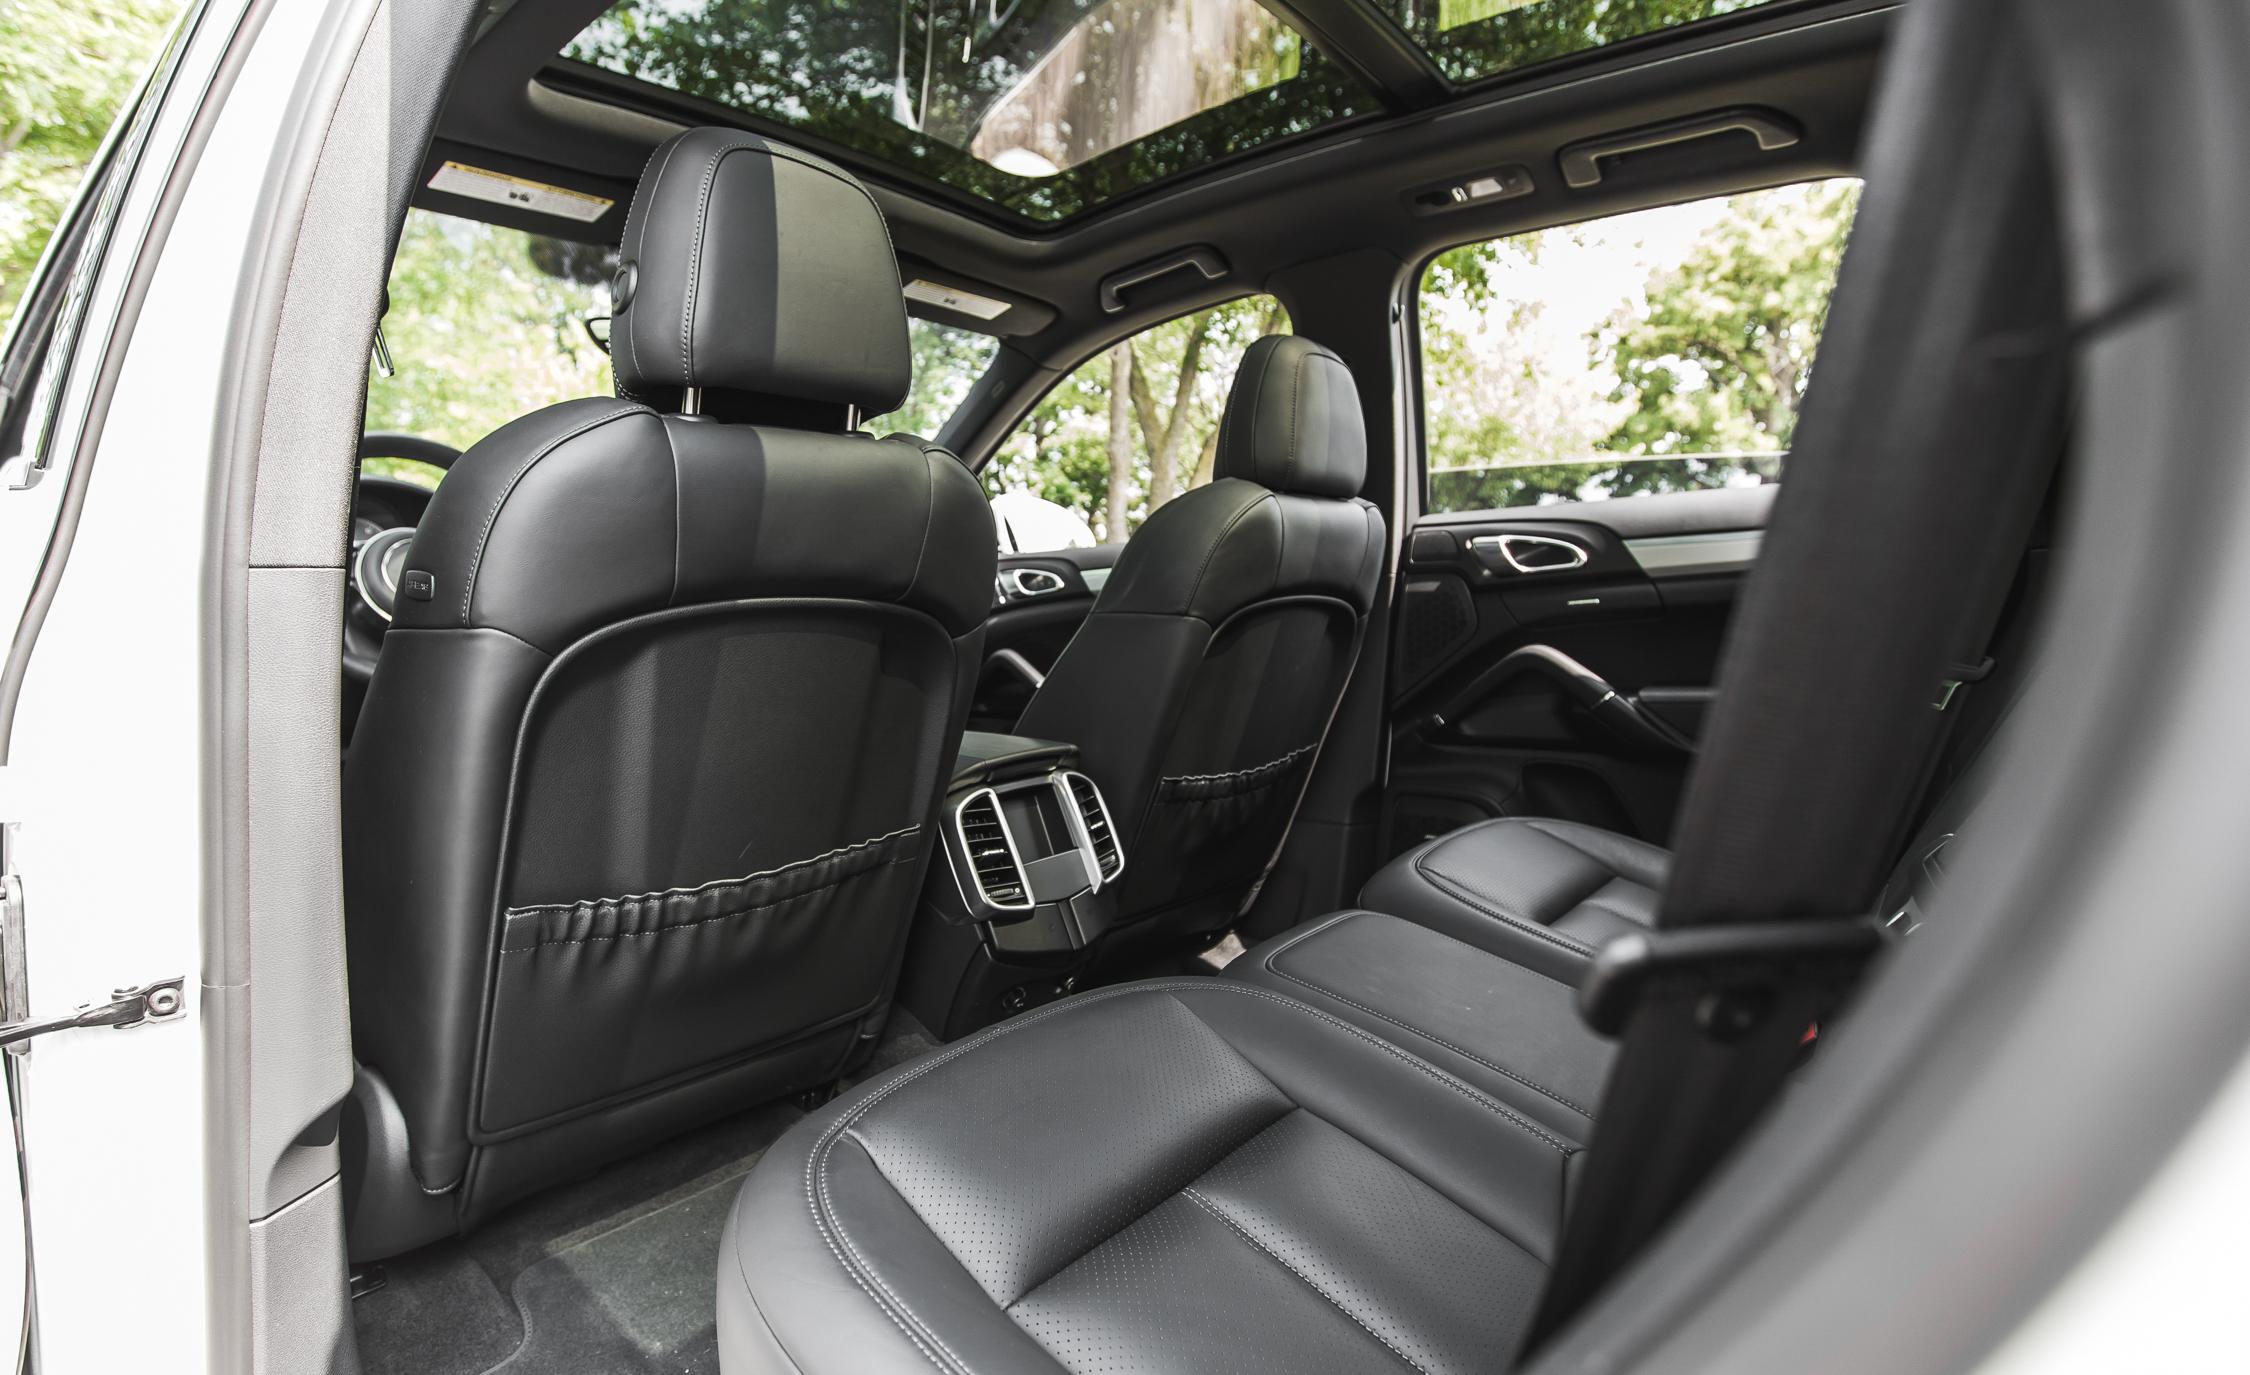 2015 porsche cayenne s e hybrid interior rear seats